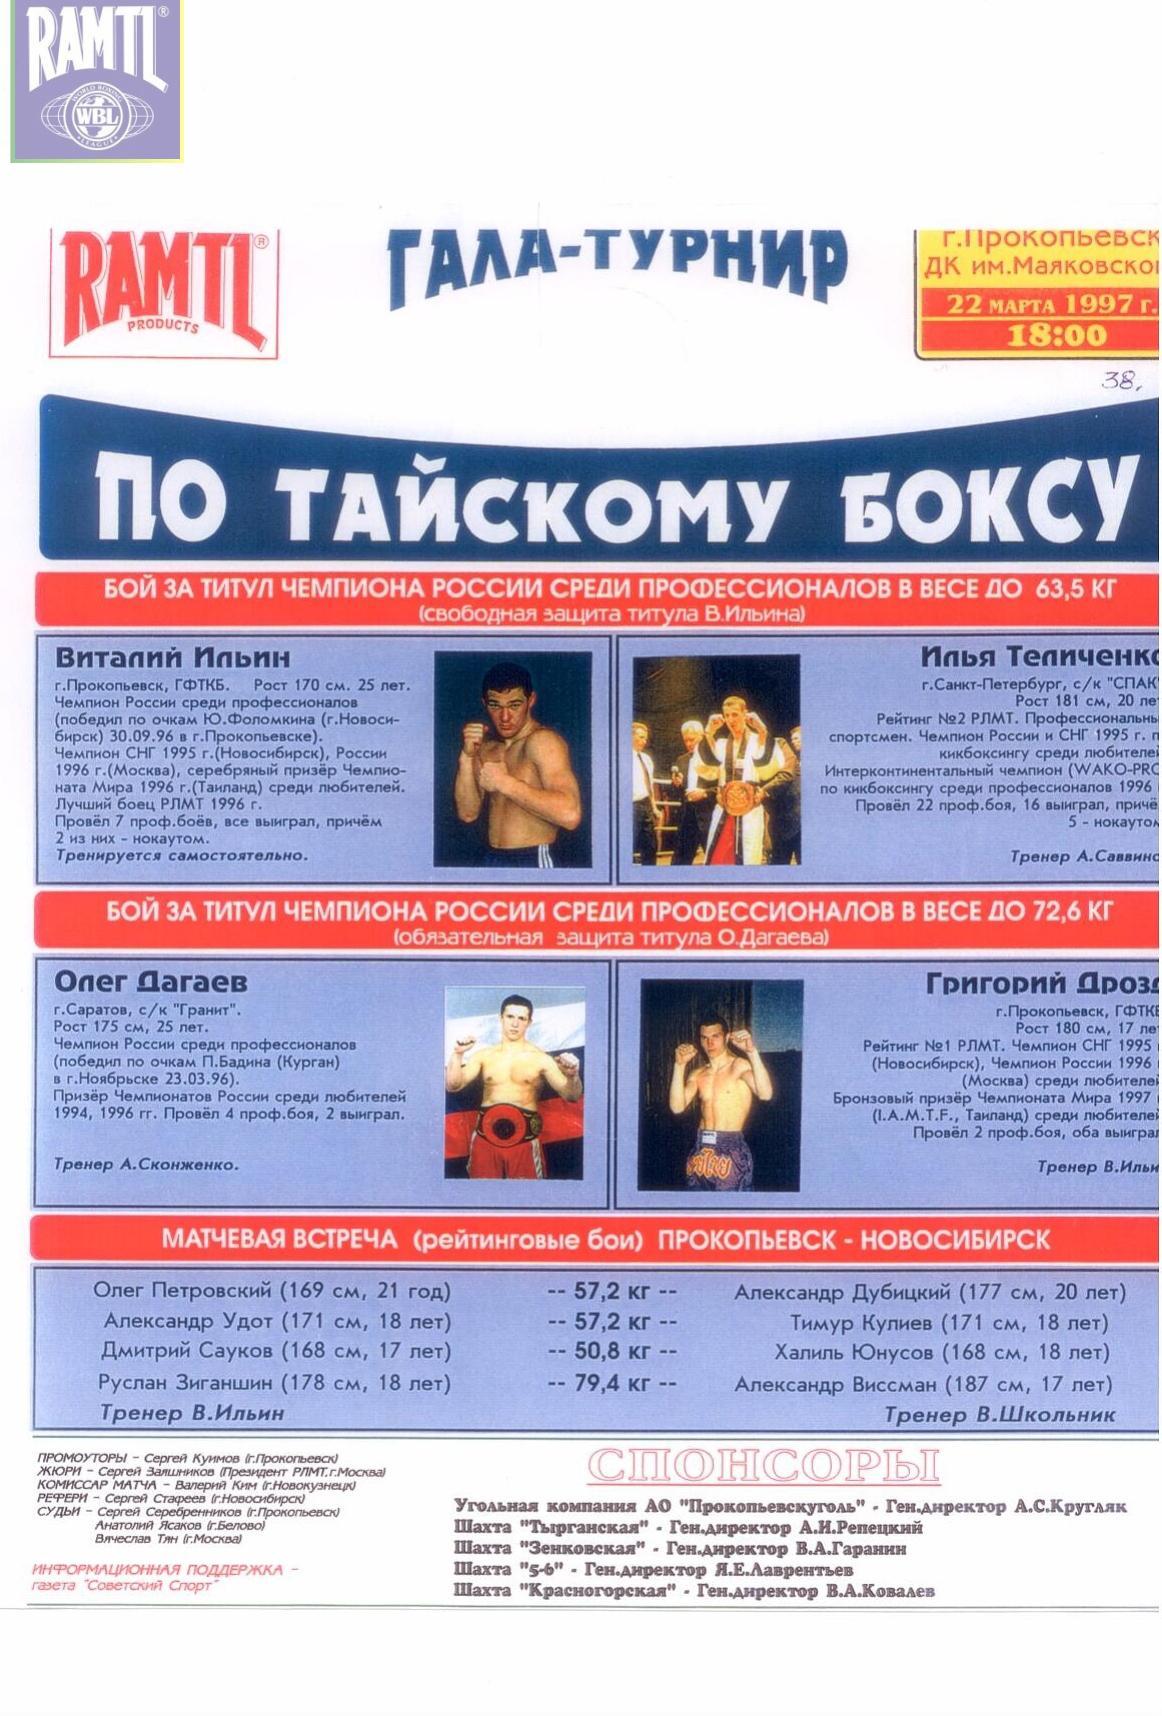 1997-03-22_Prokopqevsk